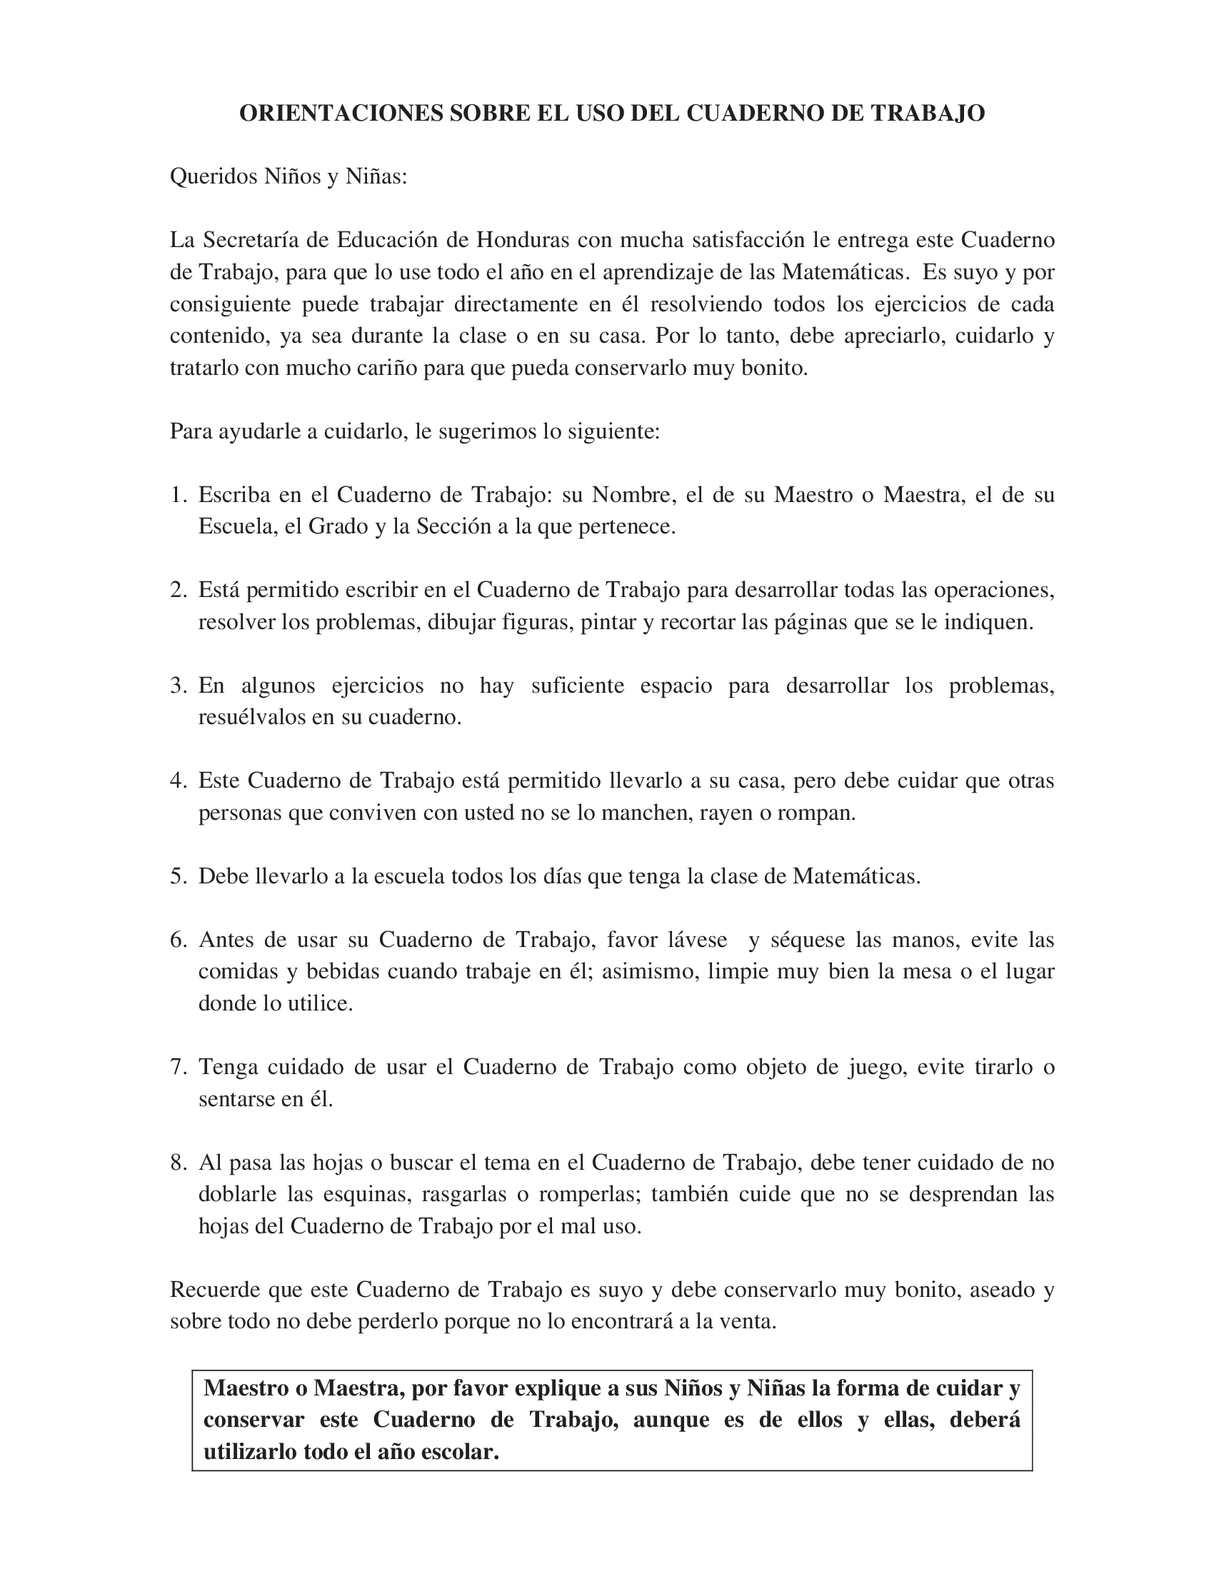 2do Grado - Cuaderno de Trabajo - Matematicas - CALAMEO Downloader